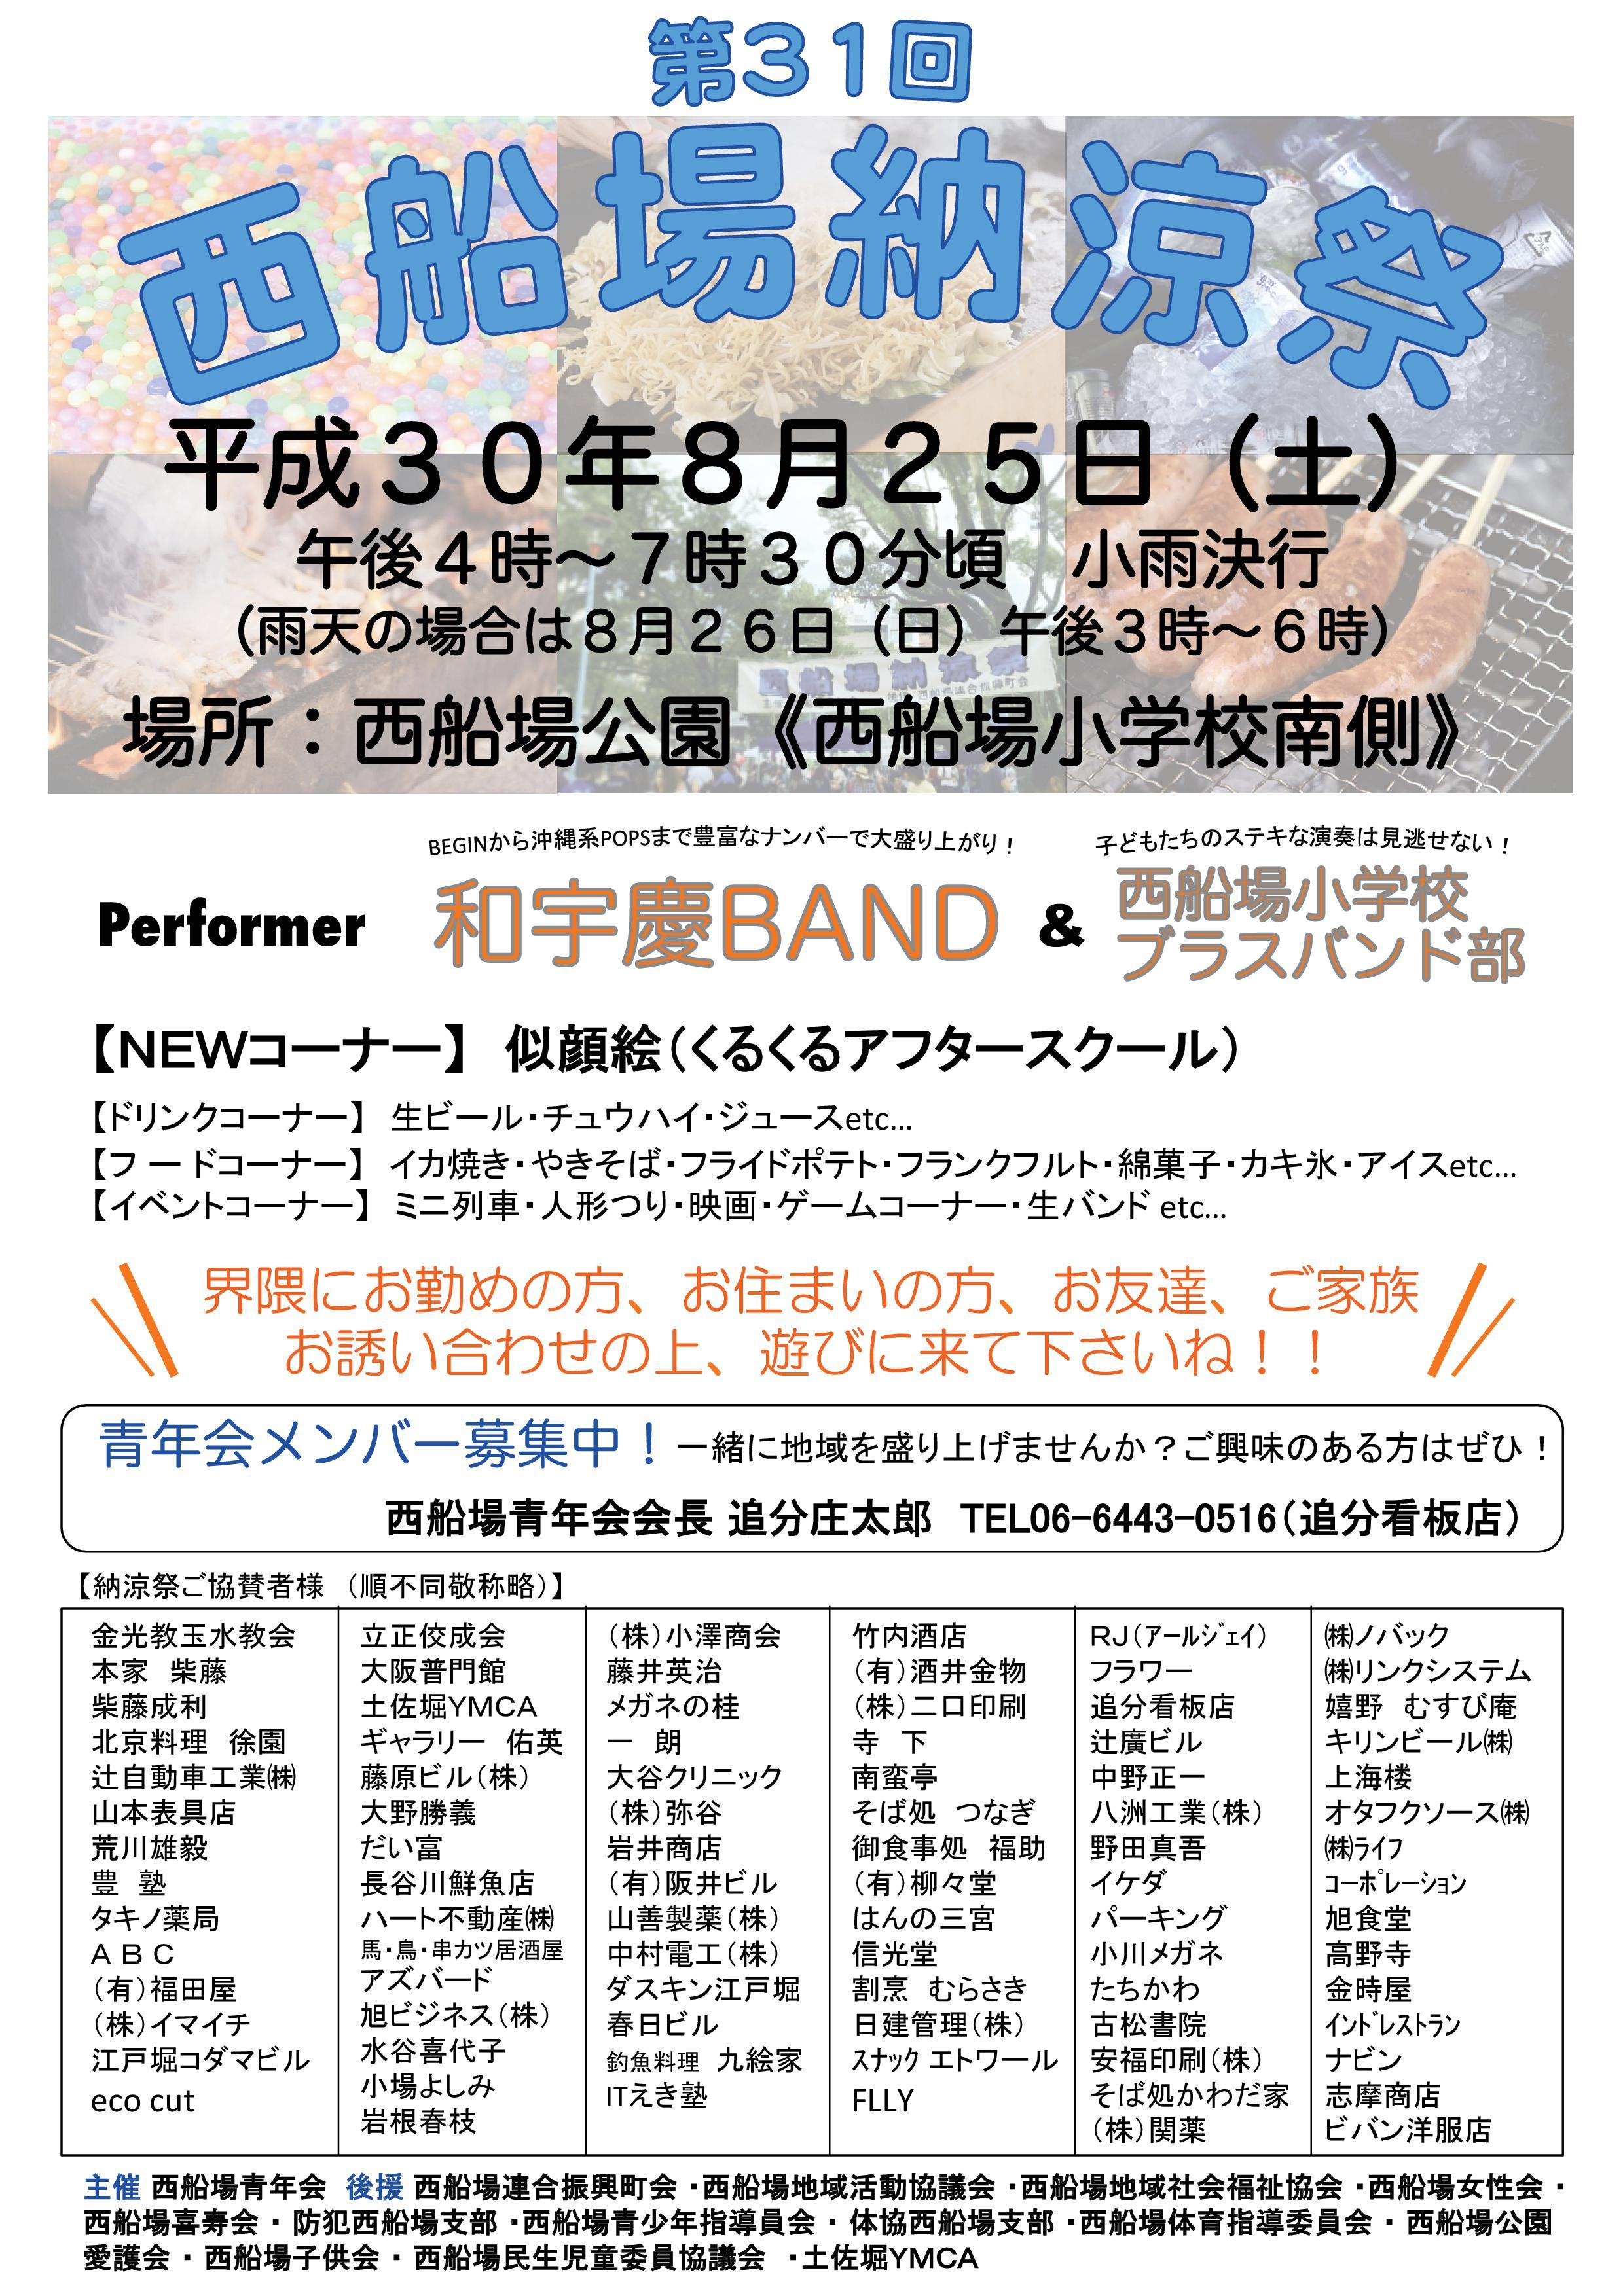 平成30年西船場納涼祭のポスター